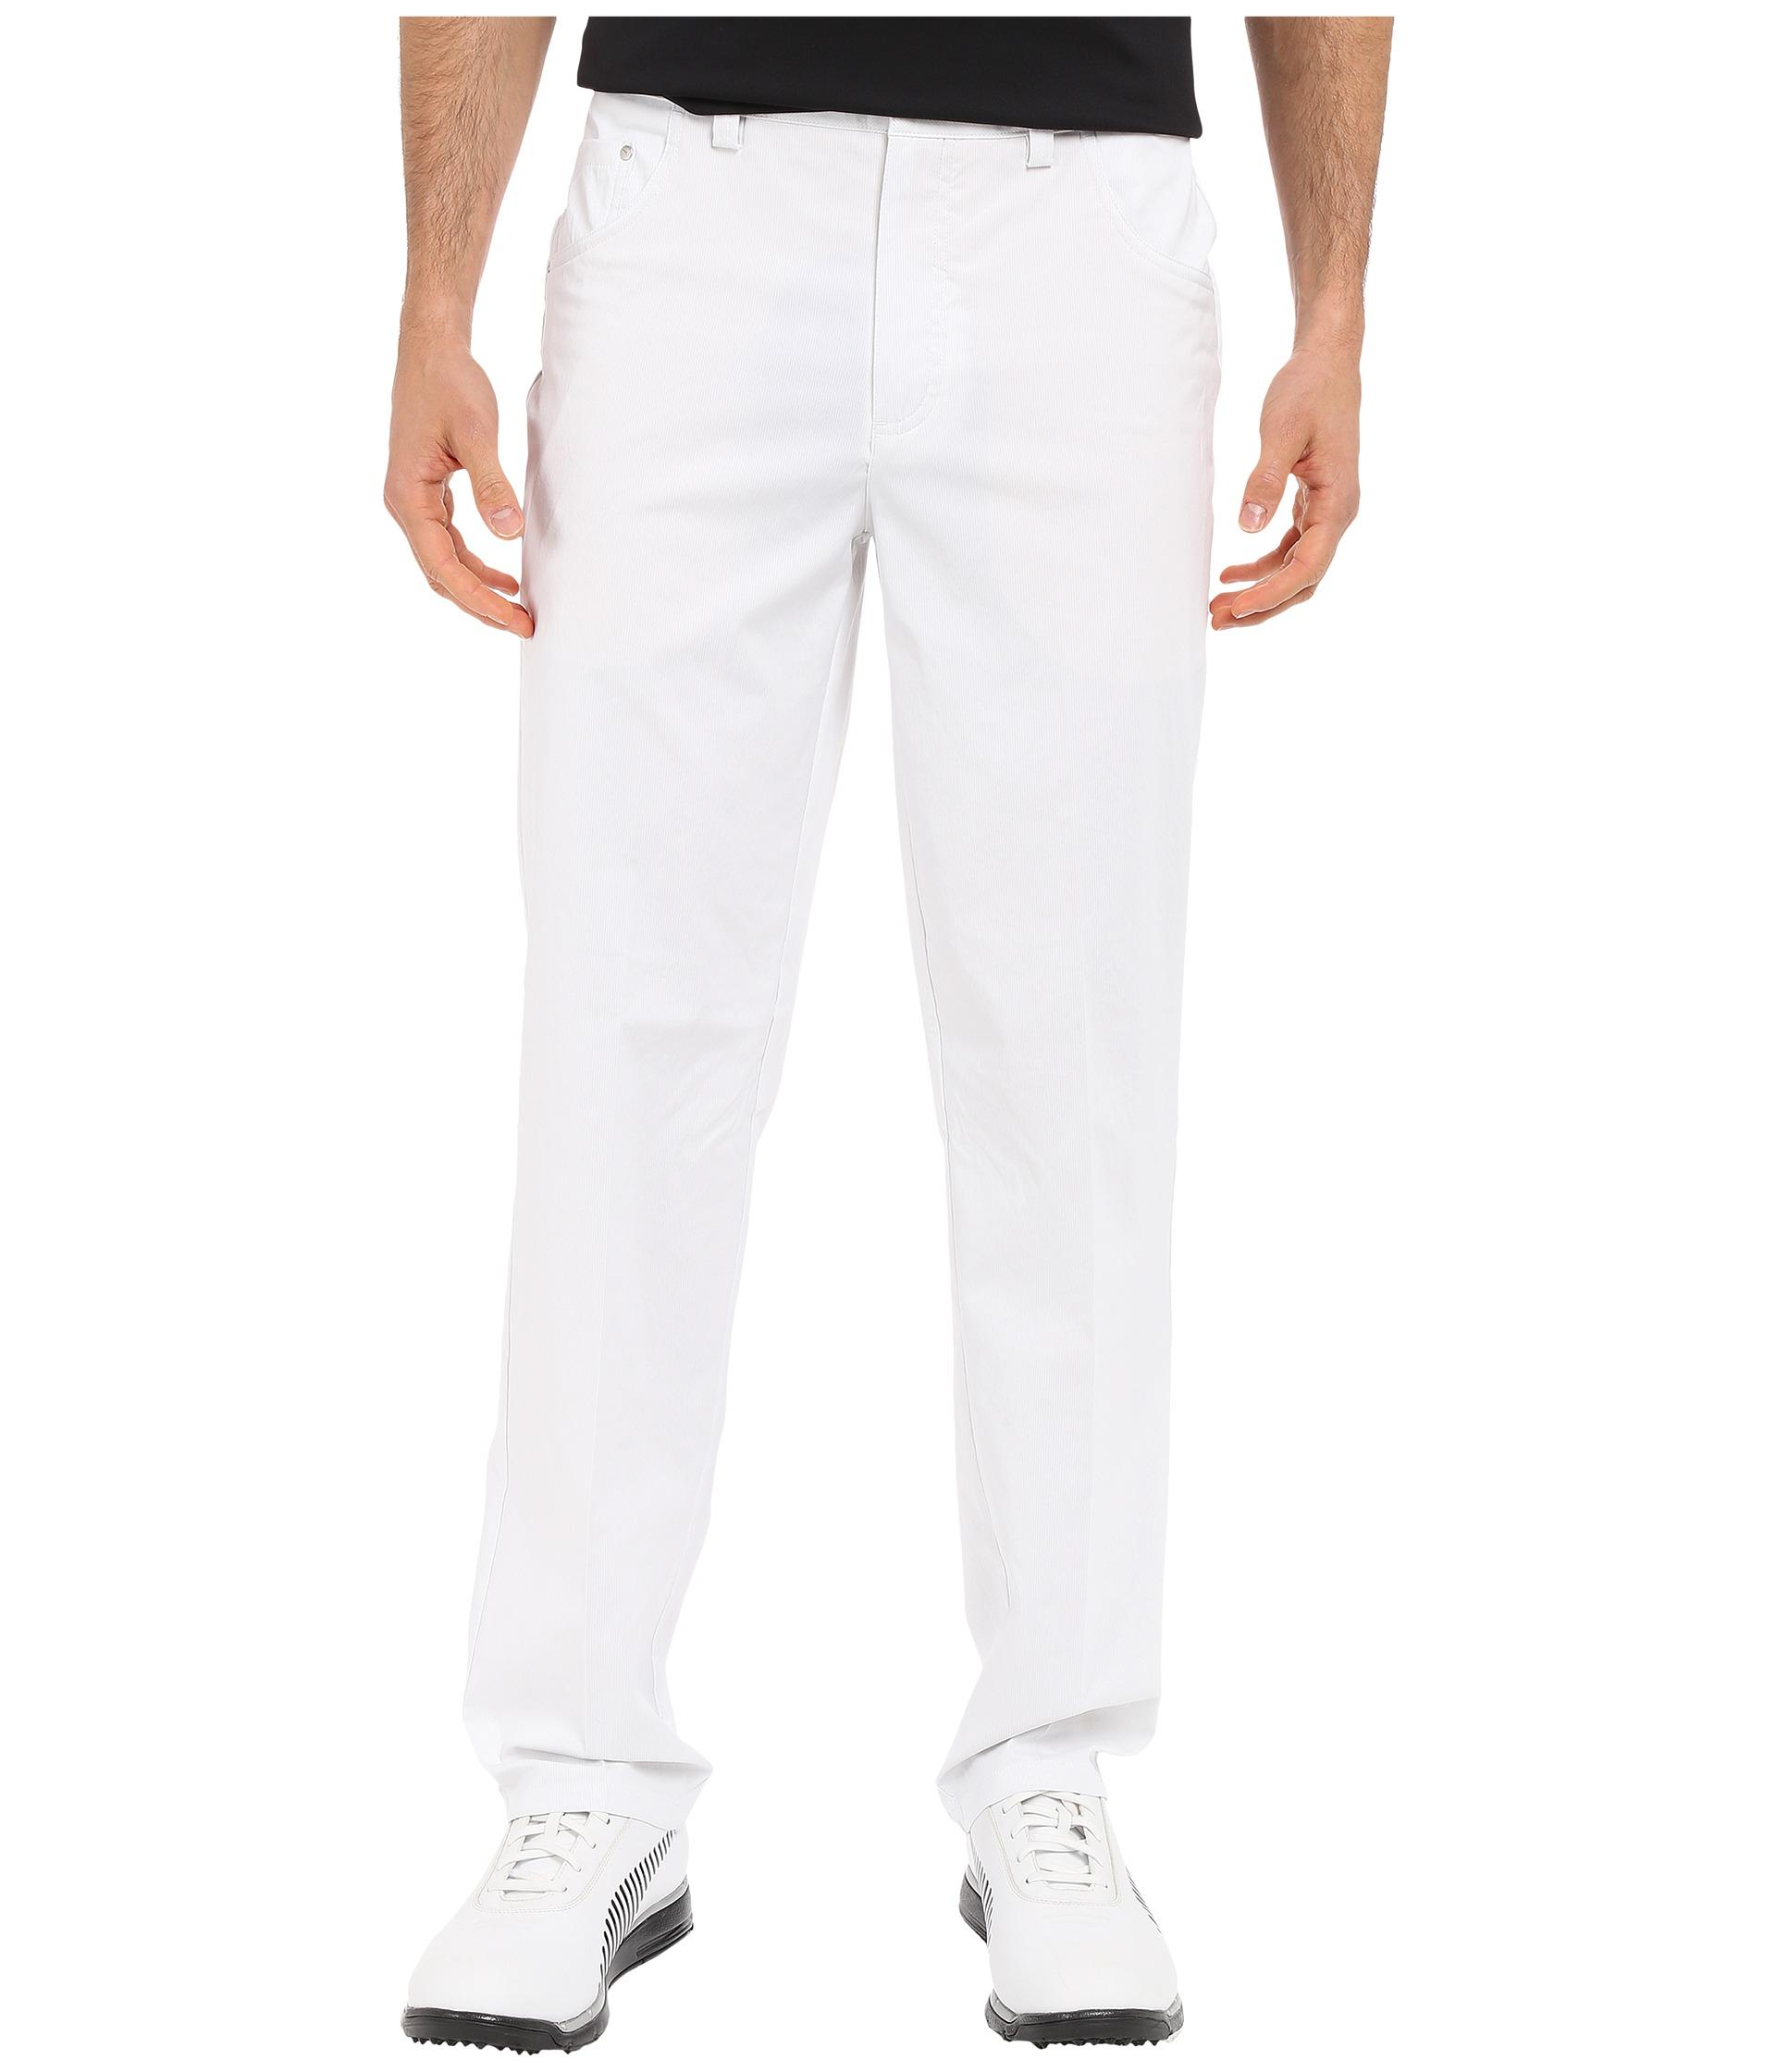 421b6017e8b4 Lyst - PUMA 6-pocket Pants in White for Men